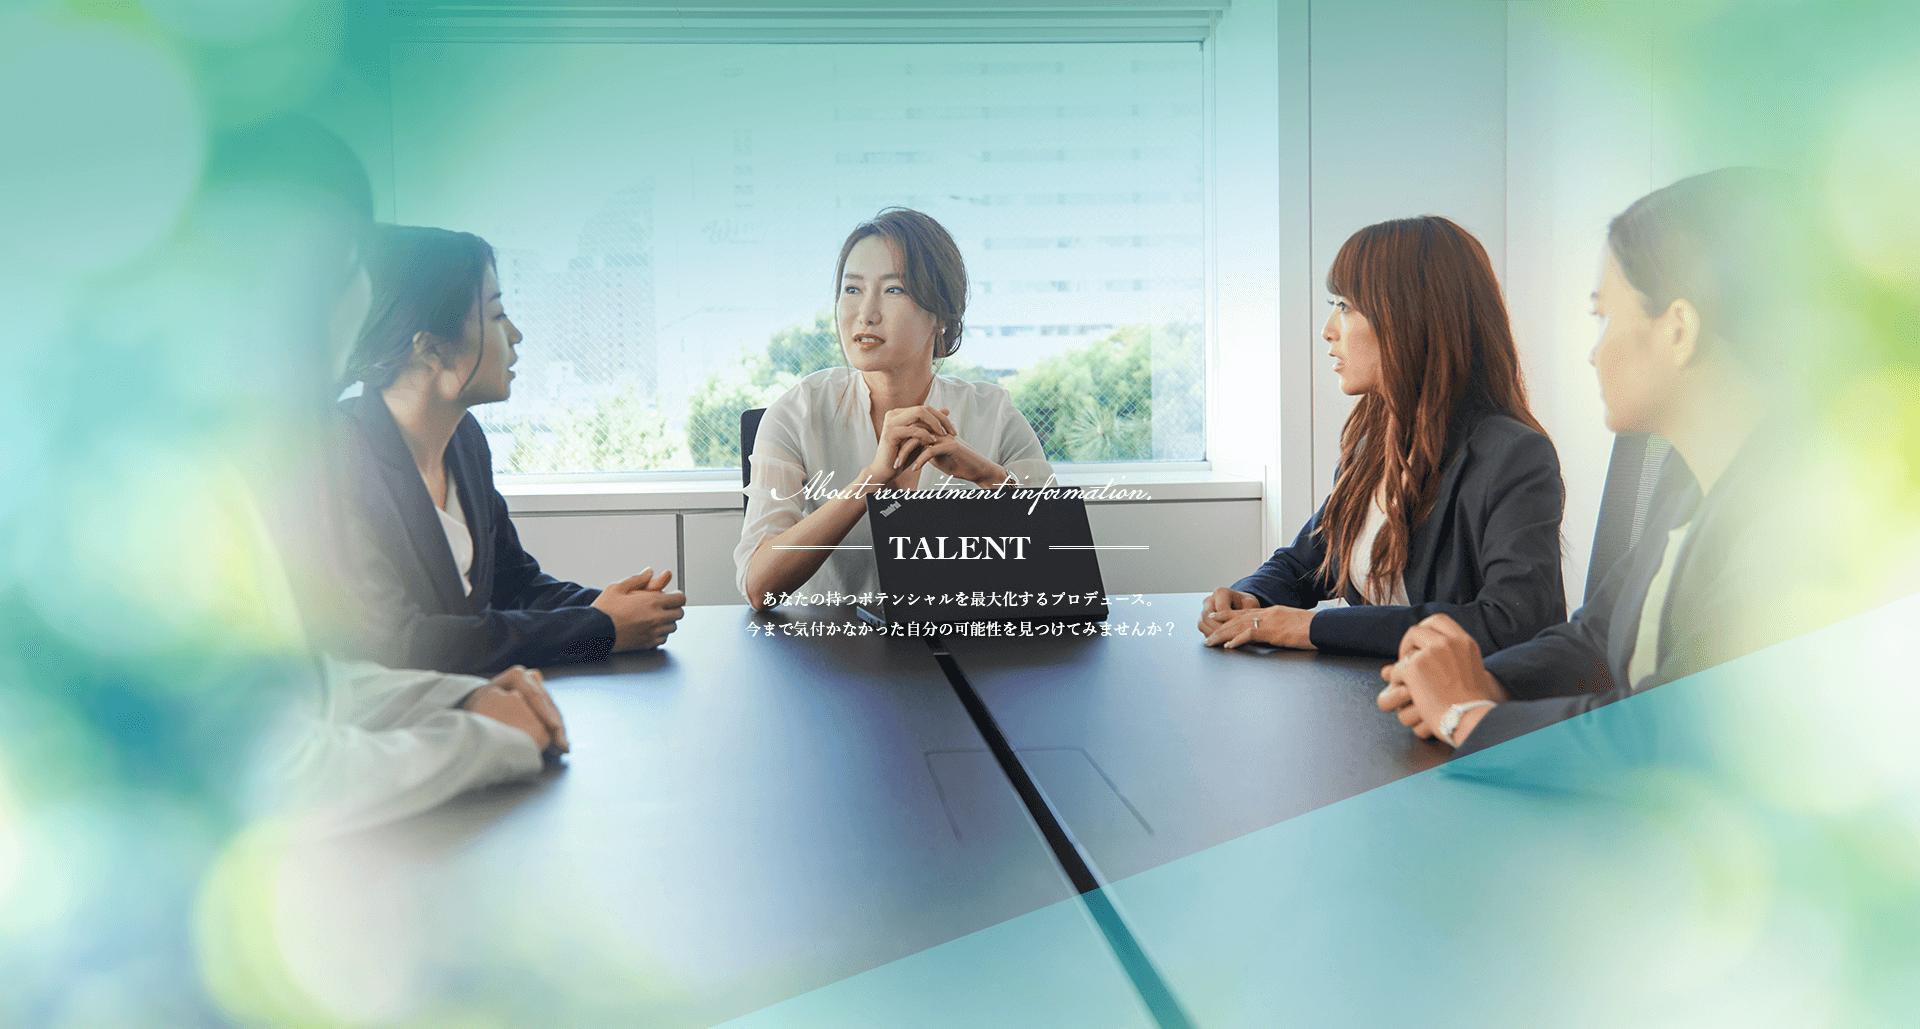 女性MRコンサルのフラームジャパンのメンバー募集